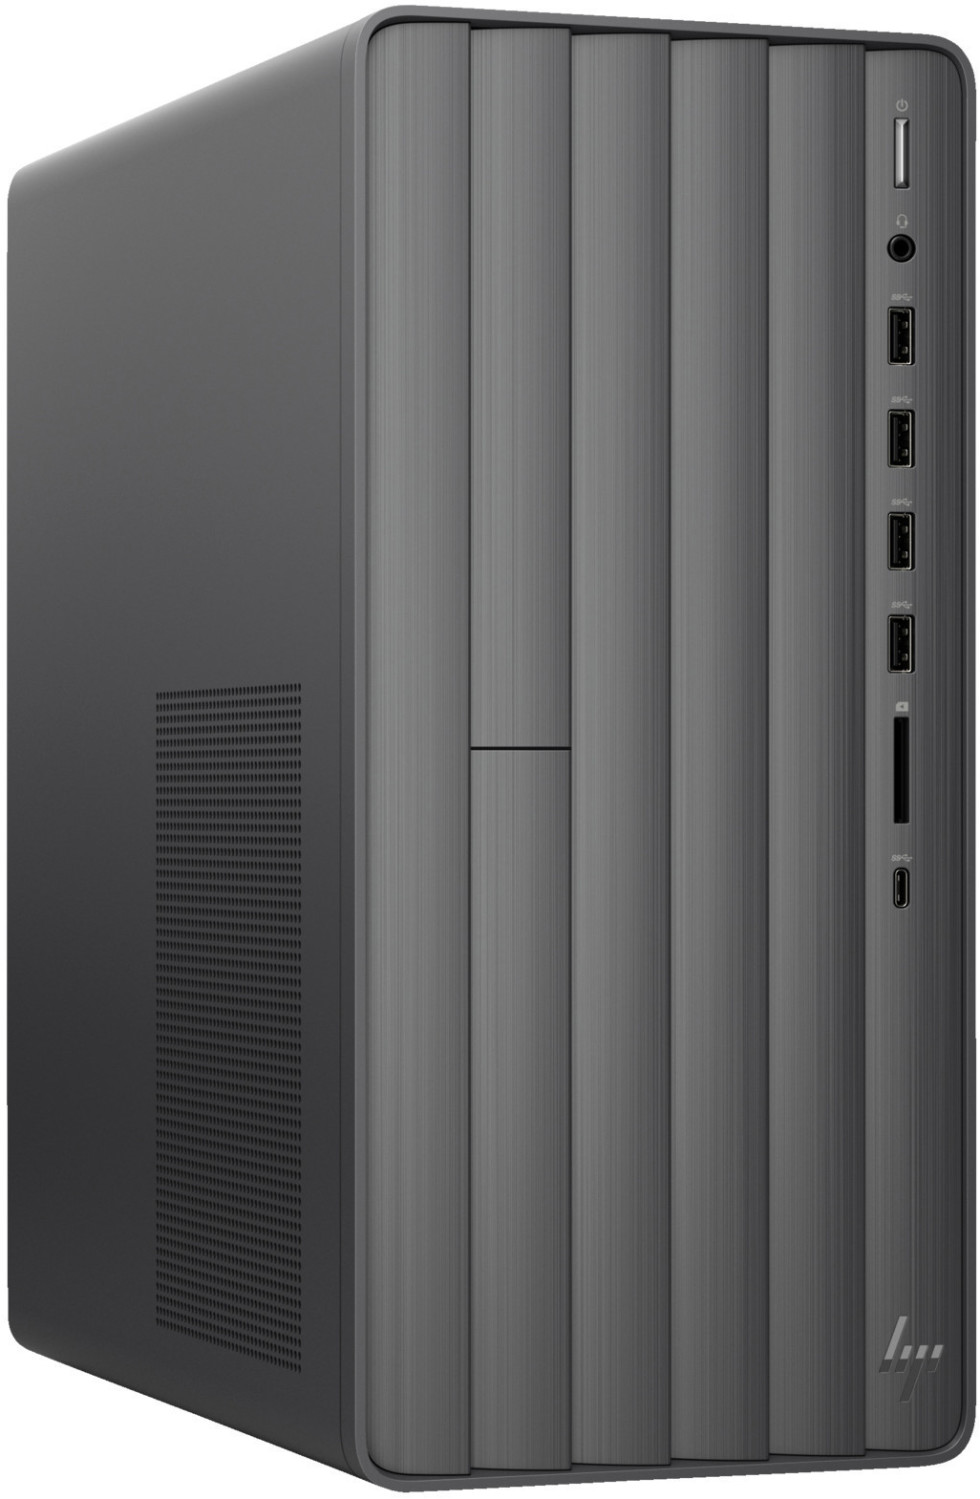 Image of HP ENVY TE01-0000ng